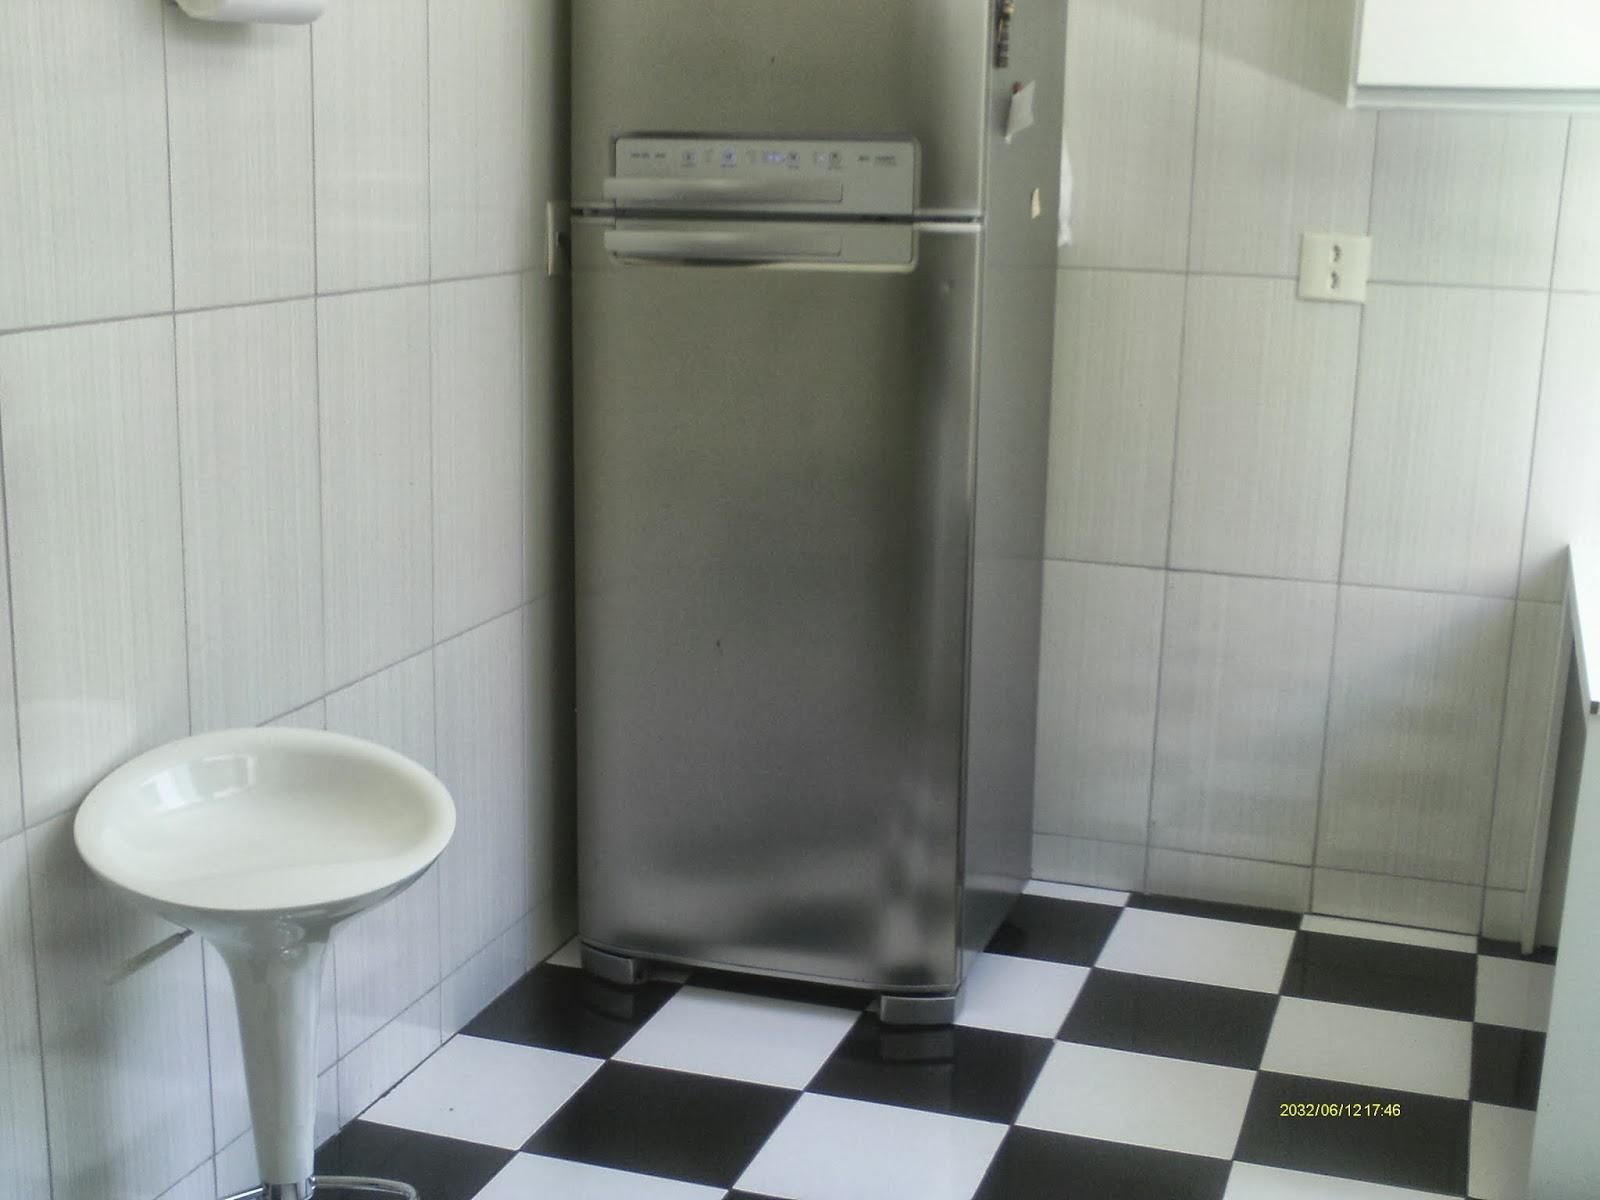 Imagens de #596472 Casa Cocotá Ilha do Governador Avelino Freire Imóveis 1600x1200 px 2886 Box Banheiro Ilha Do Governador